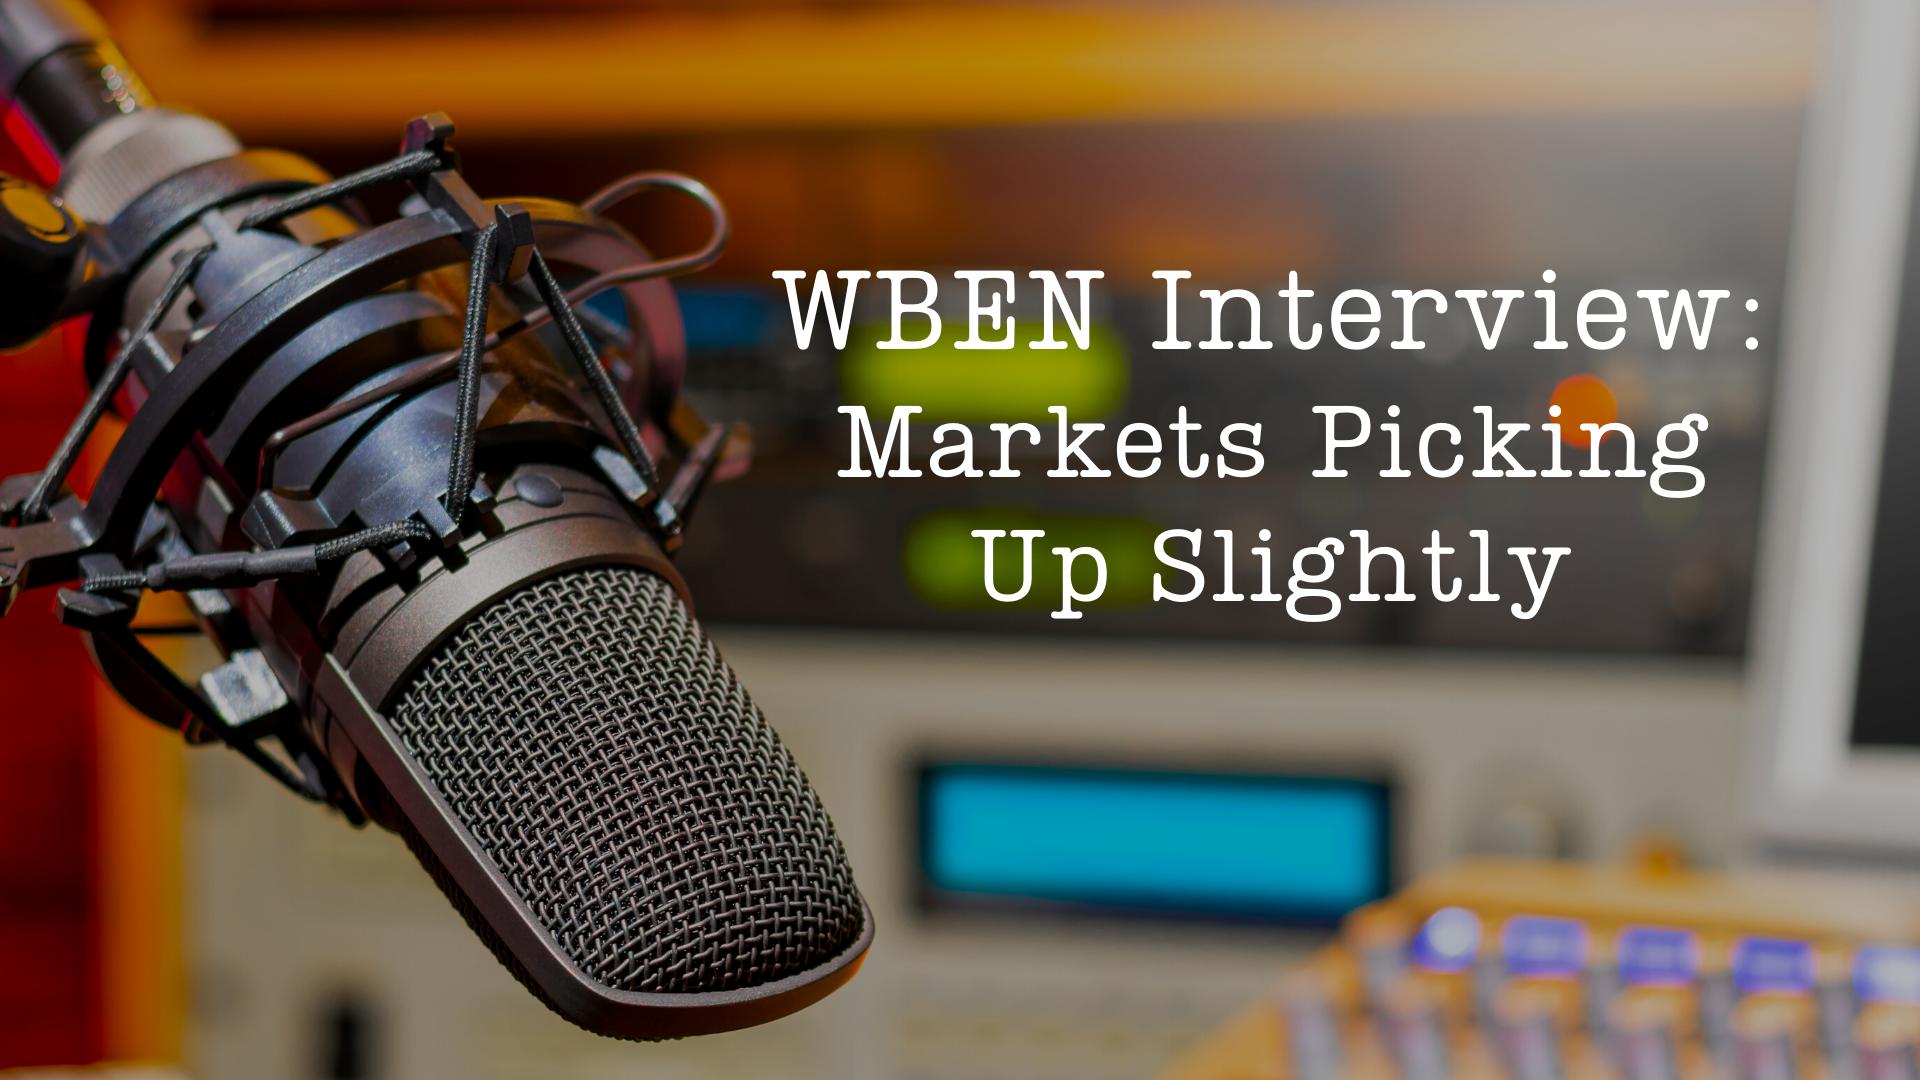 WBEN Interview: Markets Picking Up Slightly